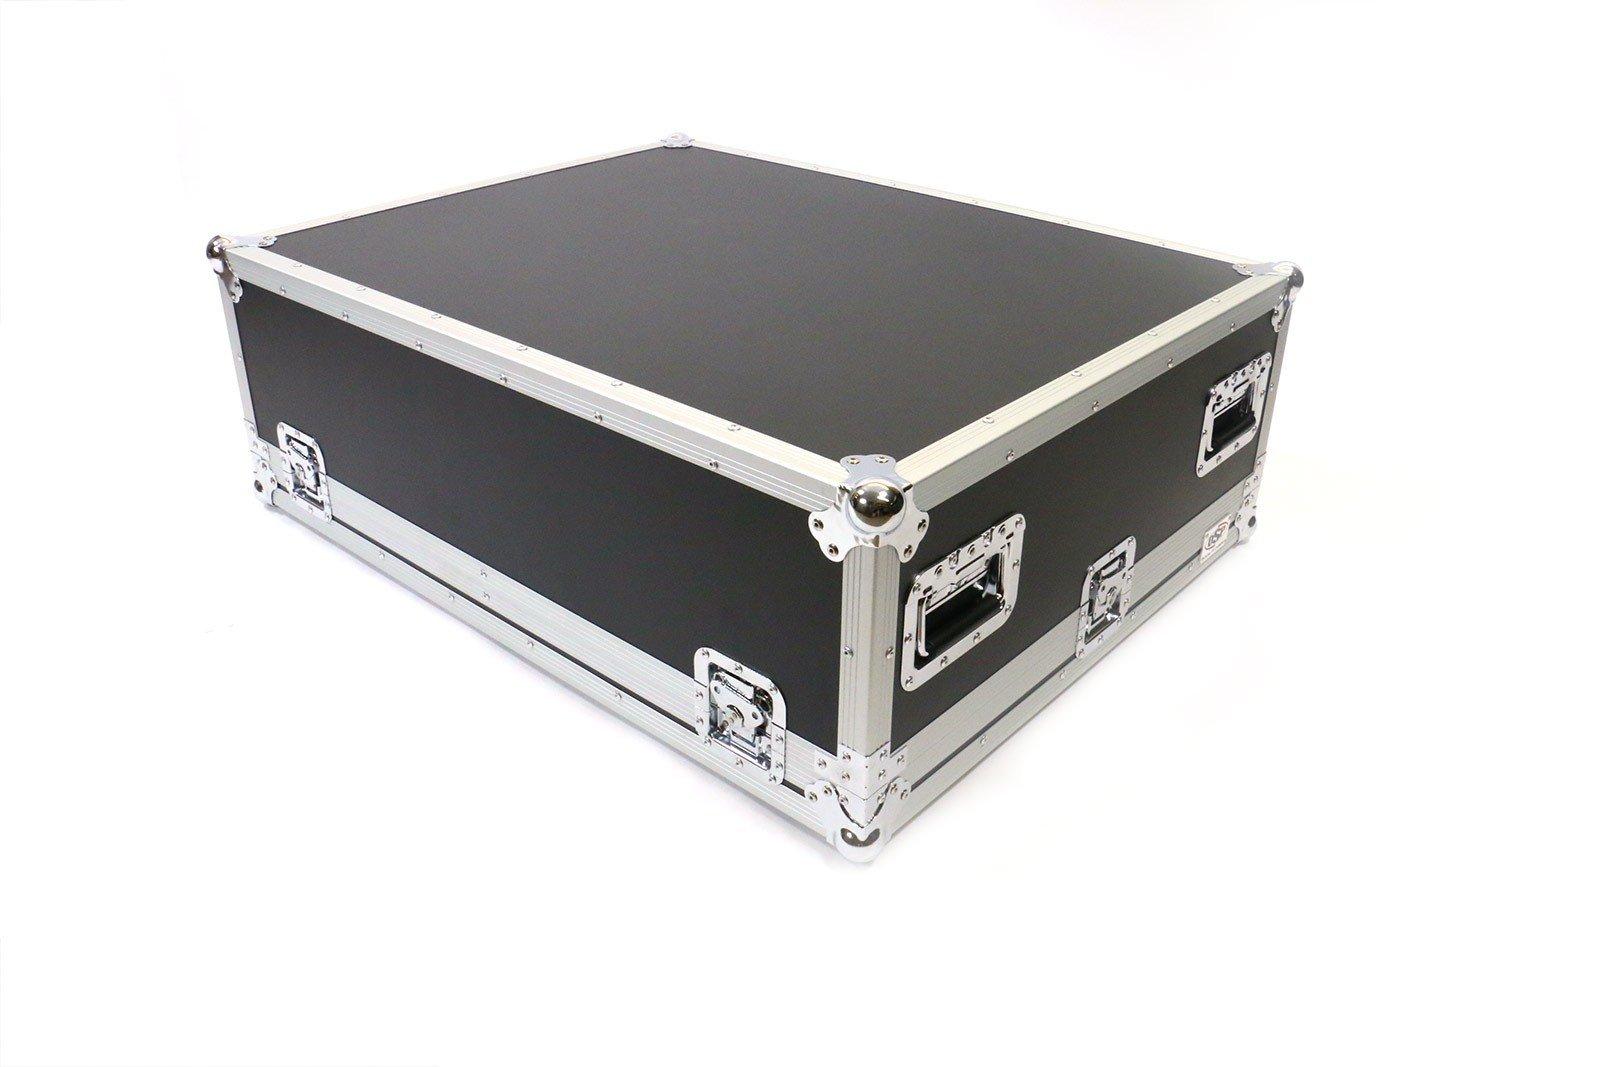 OSP Cases   ATA Road Case   Mixer Case for Midas M32 Digital Mixer   M32-ATA